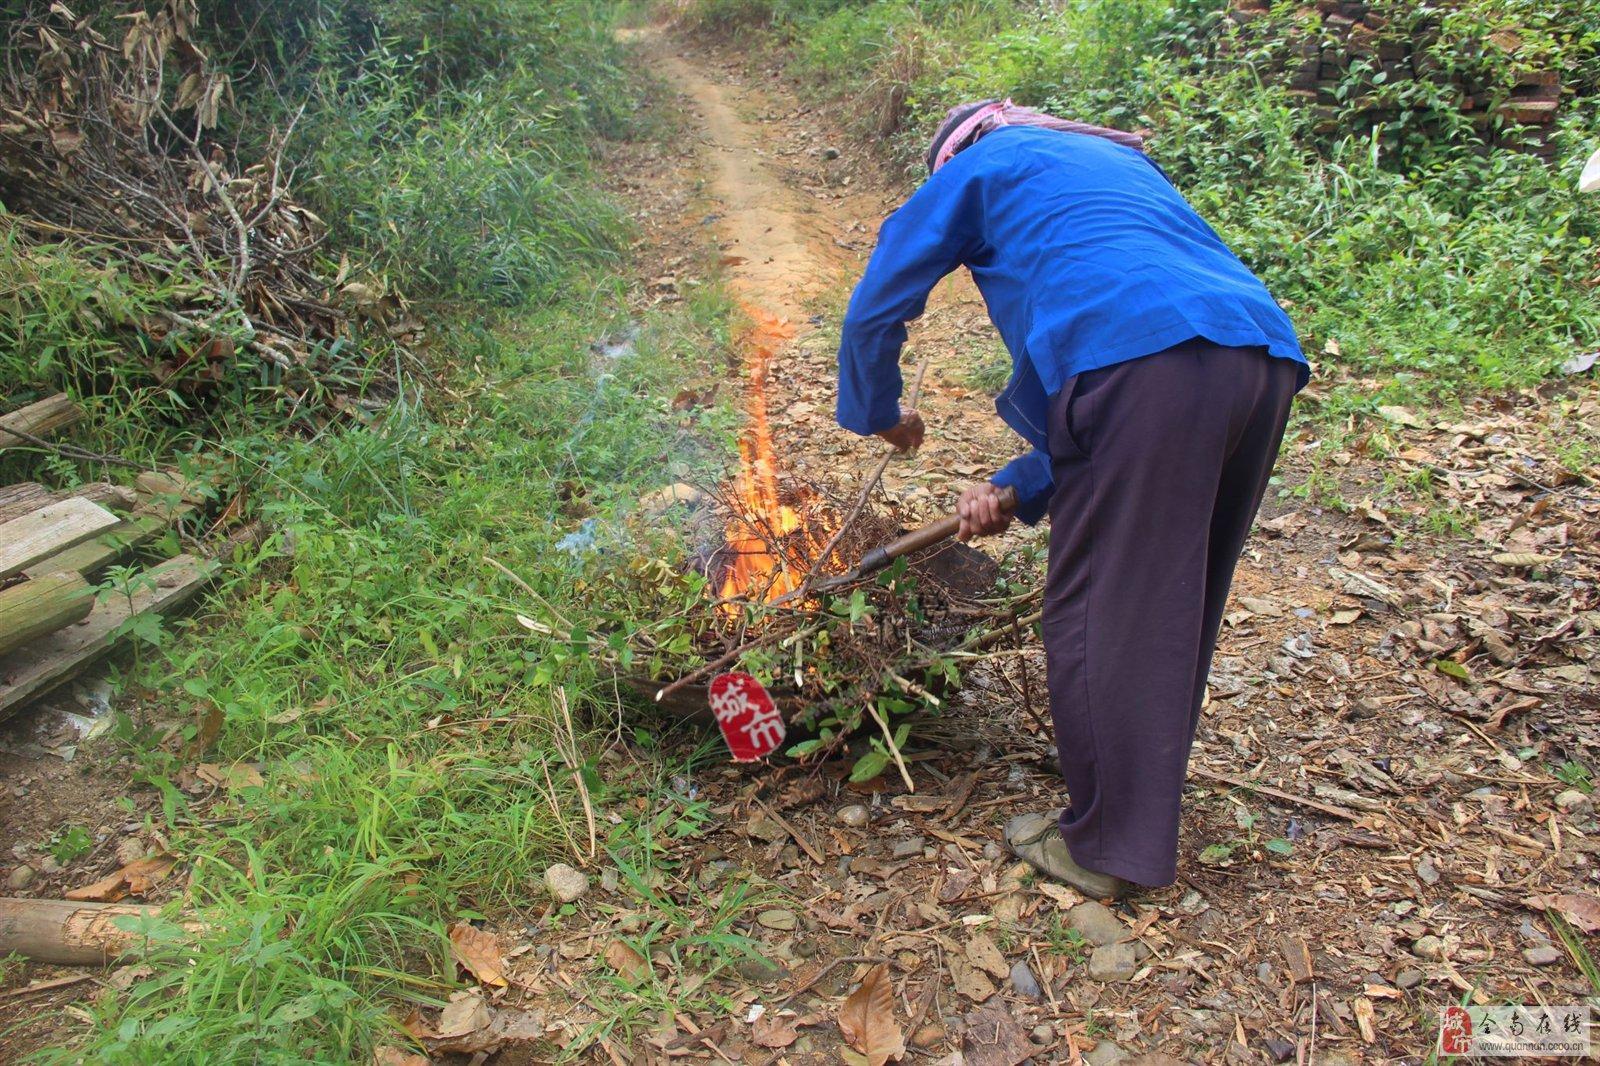 大火将这些纯天然树枝重生!